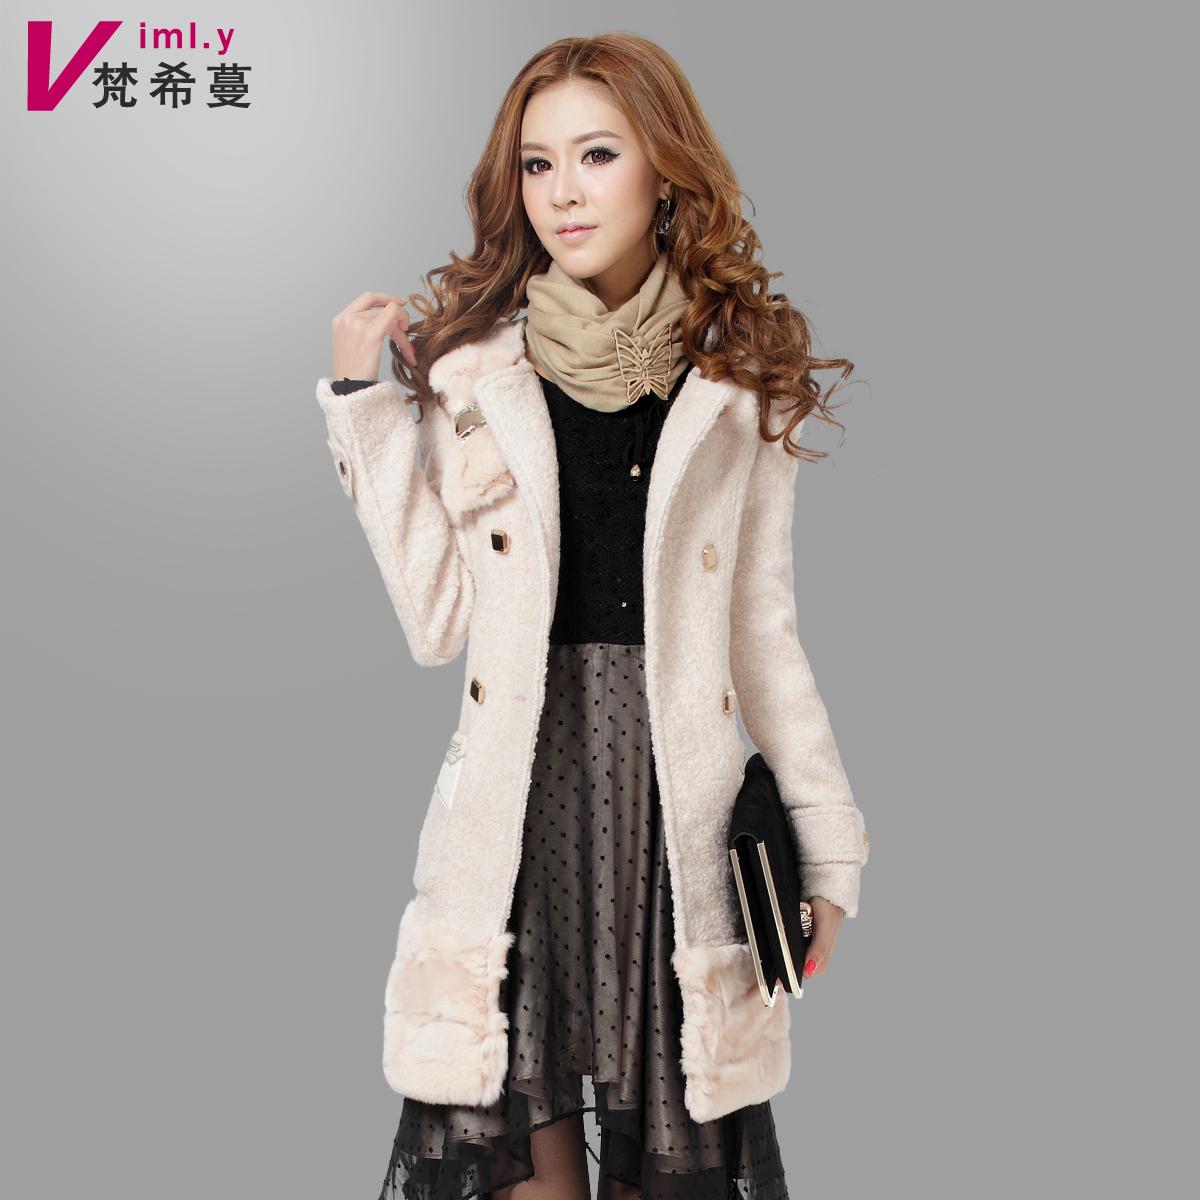 женское пальто Vimly 87763 2012 Зима 2012 Средней длины (65 см <длины одежды ≤ 80 см) Vimly / Givenchy Man Длинный рукав Объемный рукав